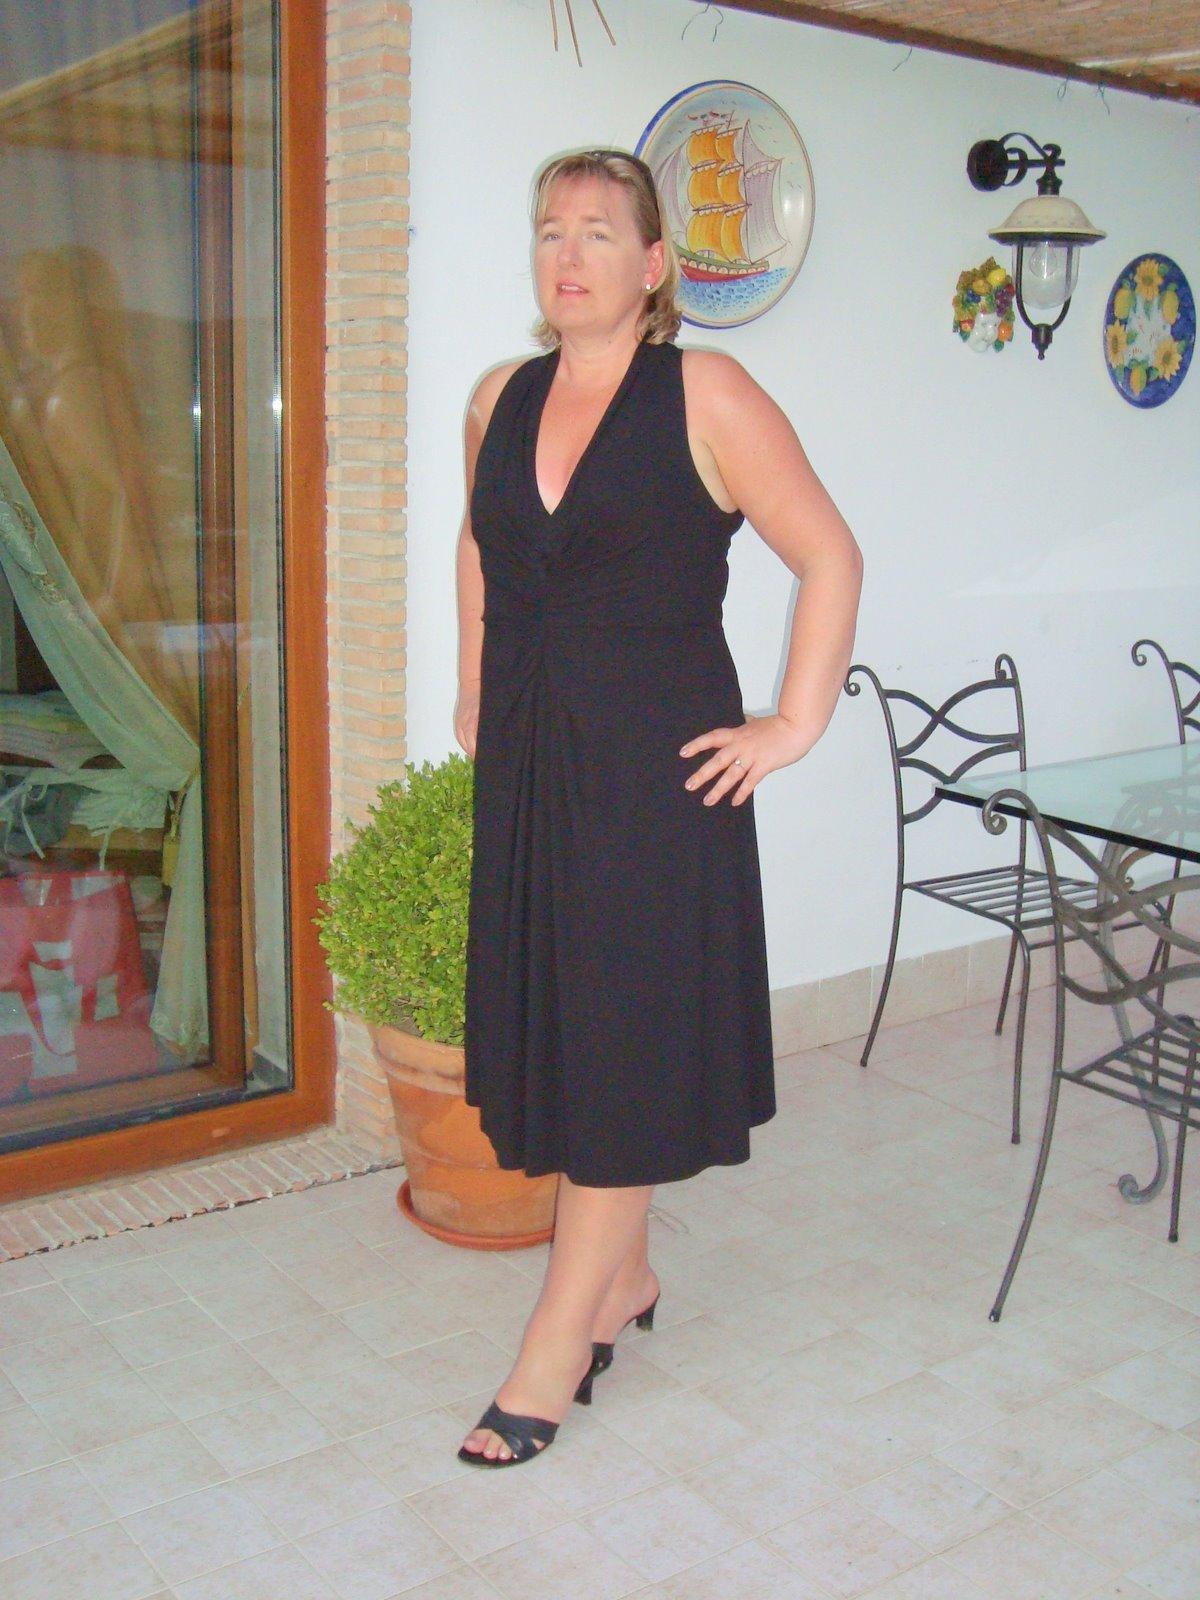 SONOEMI: September 2010